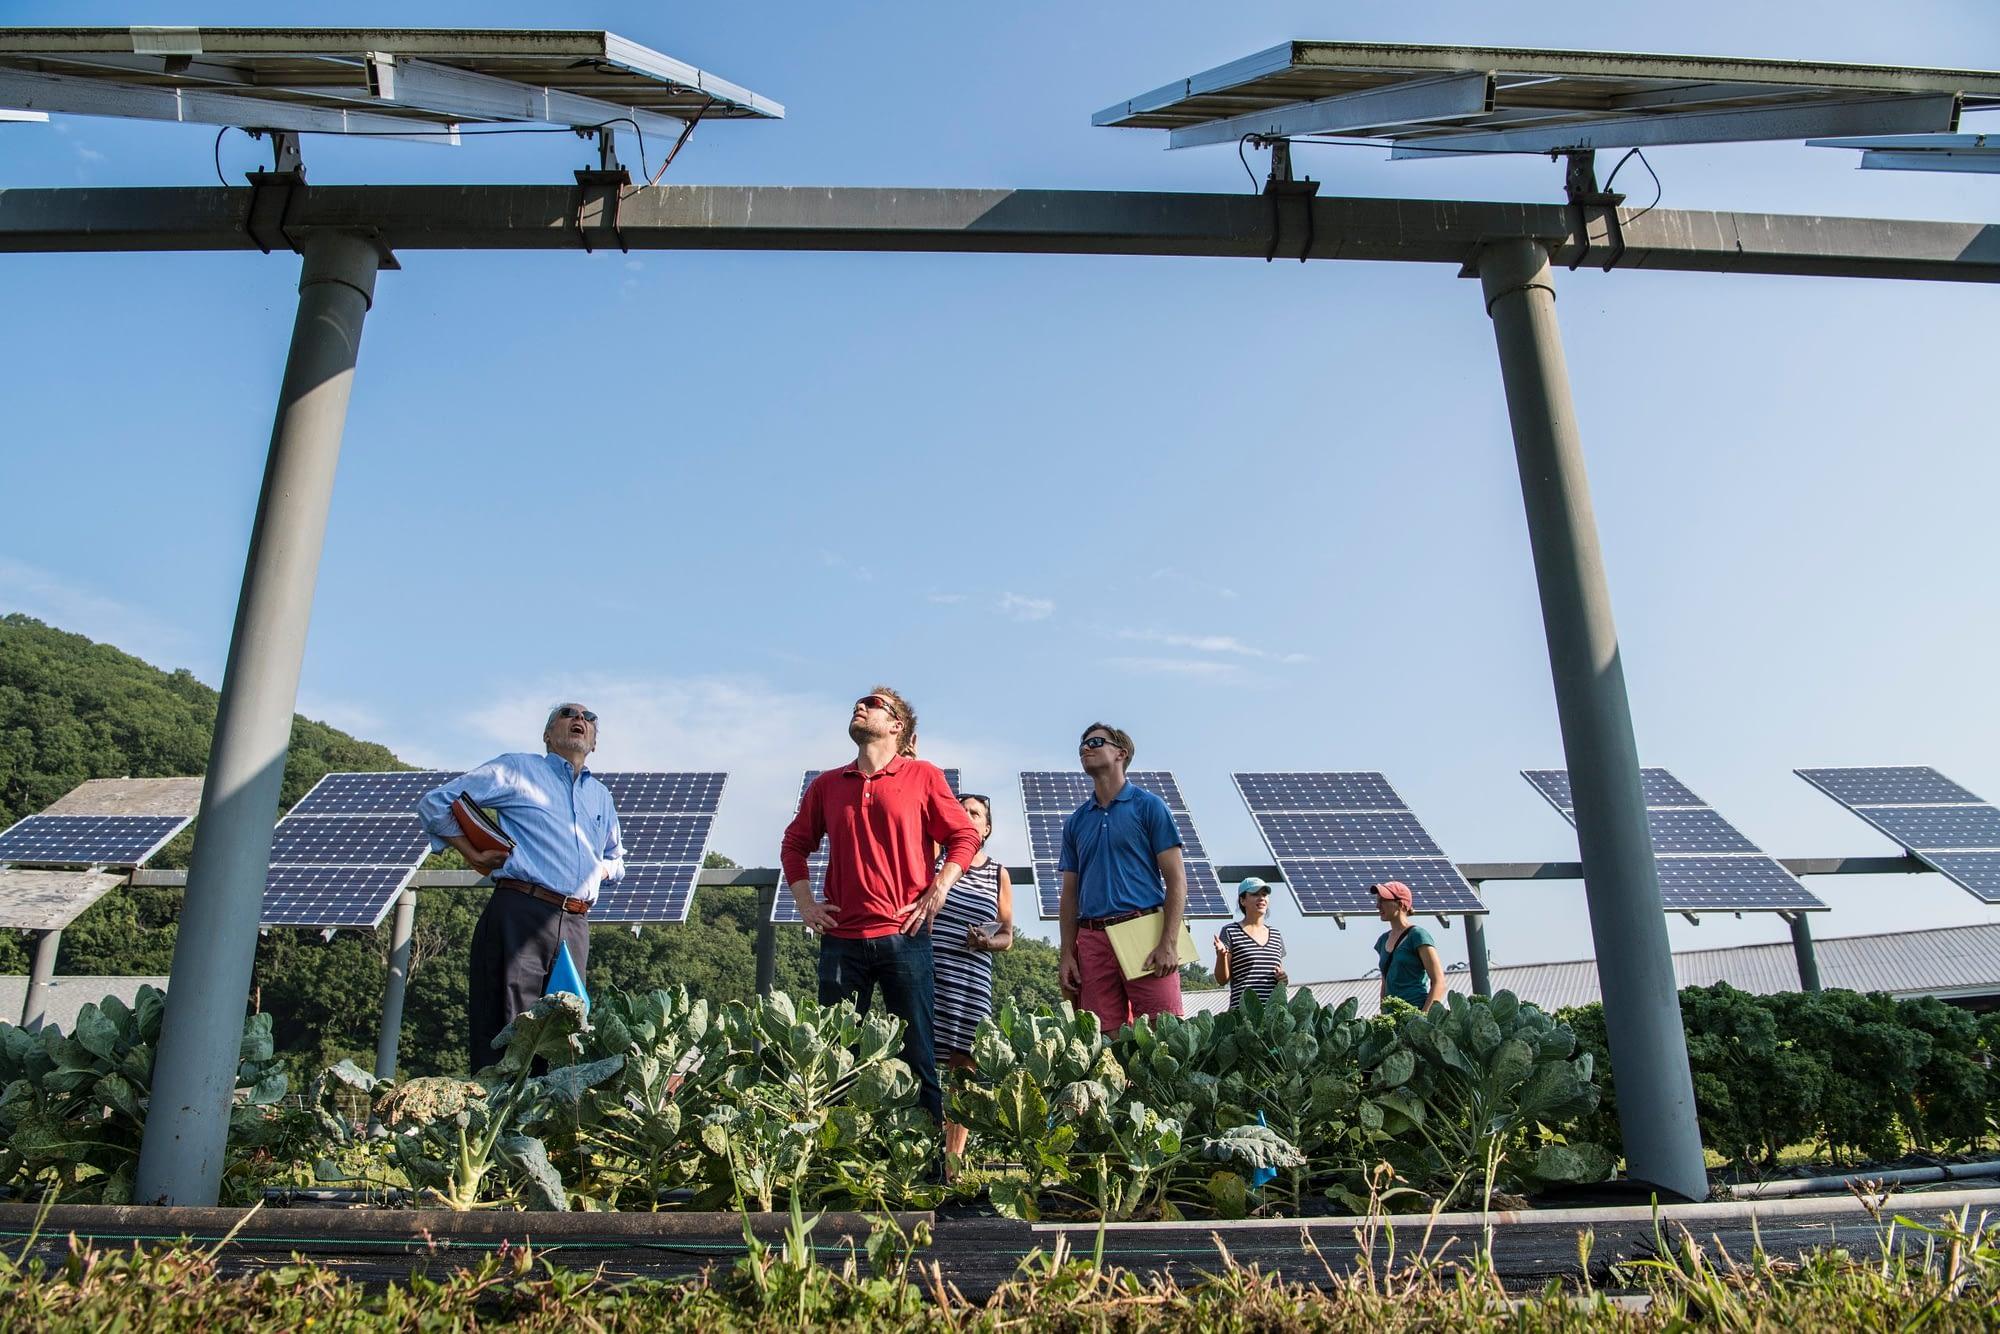 El 50% de la demanda energética se puede conseguir con energías renovables